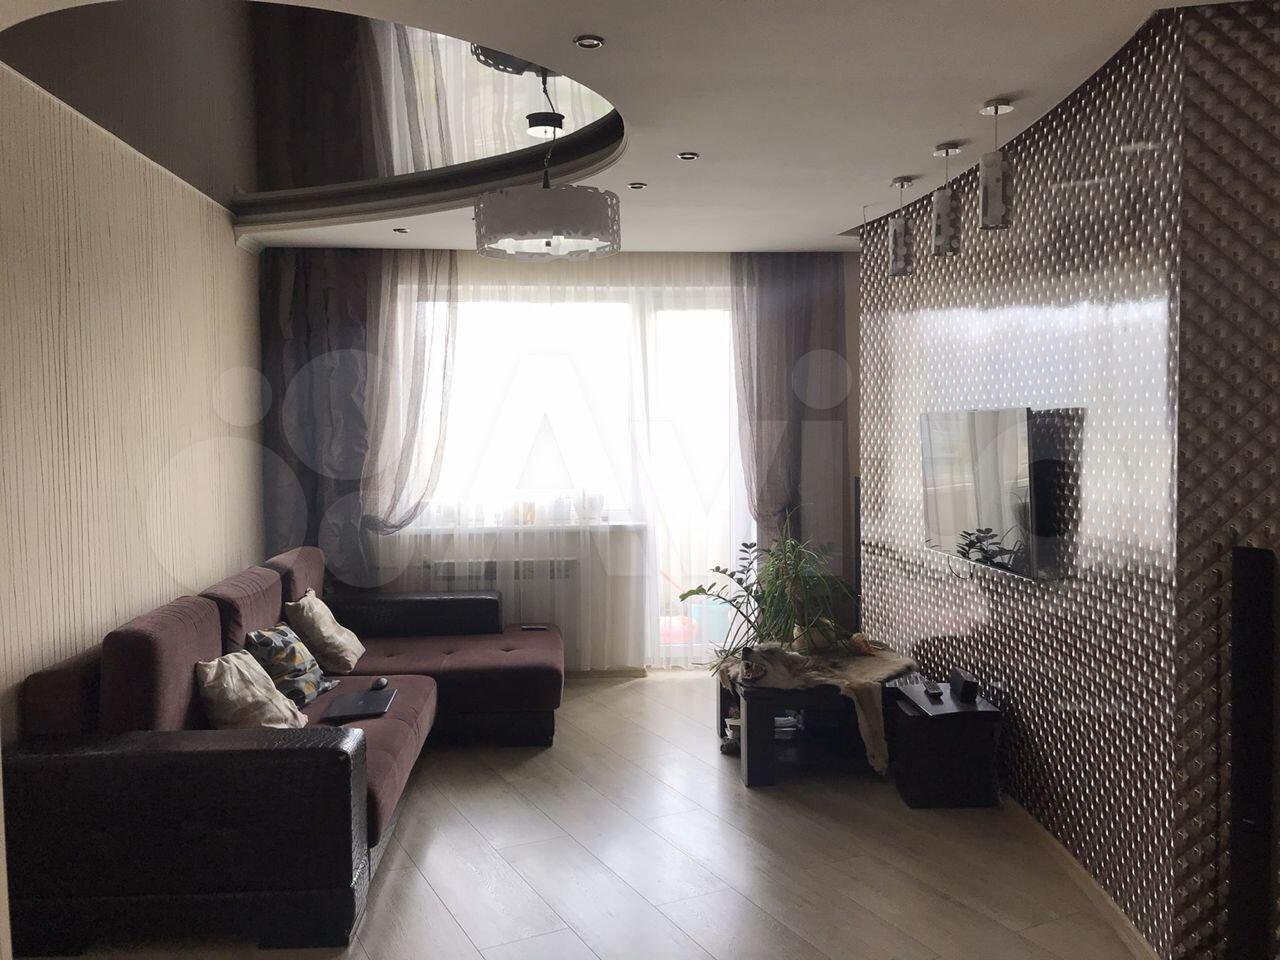 3-к квартира, 77 м², 6/9 эт. 89093551235 купить 1